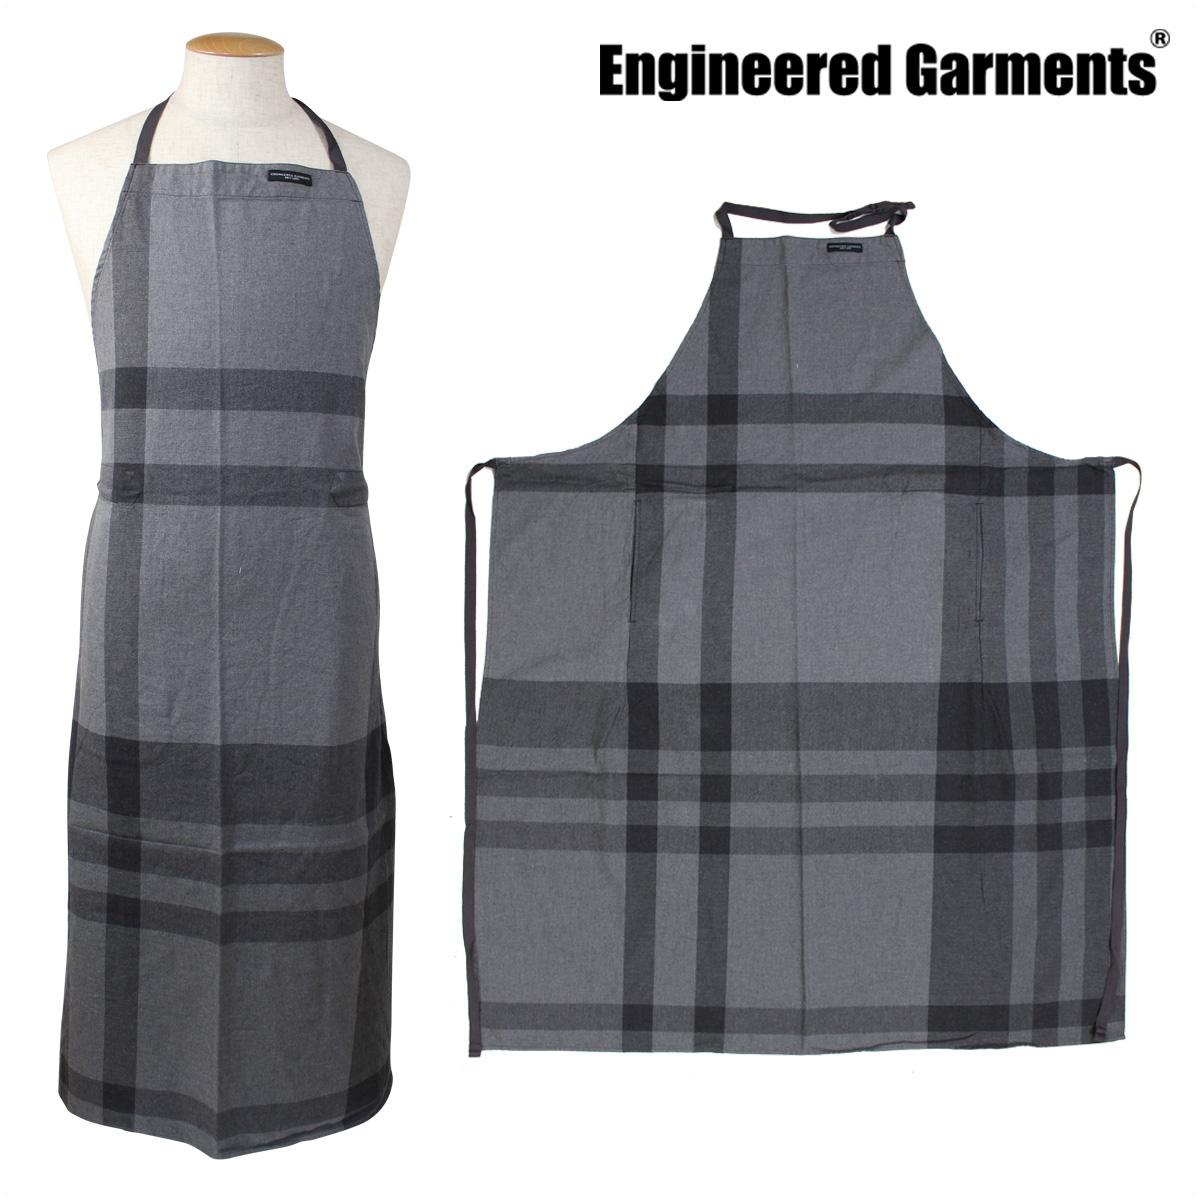 ENGINEERED GARMENTS エンジニアードガーメンツ エプロン 大きいサイズ レディース メンズ 無地 ロング 丈 NEW LONG APRON F7H0624 グレー